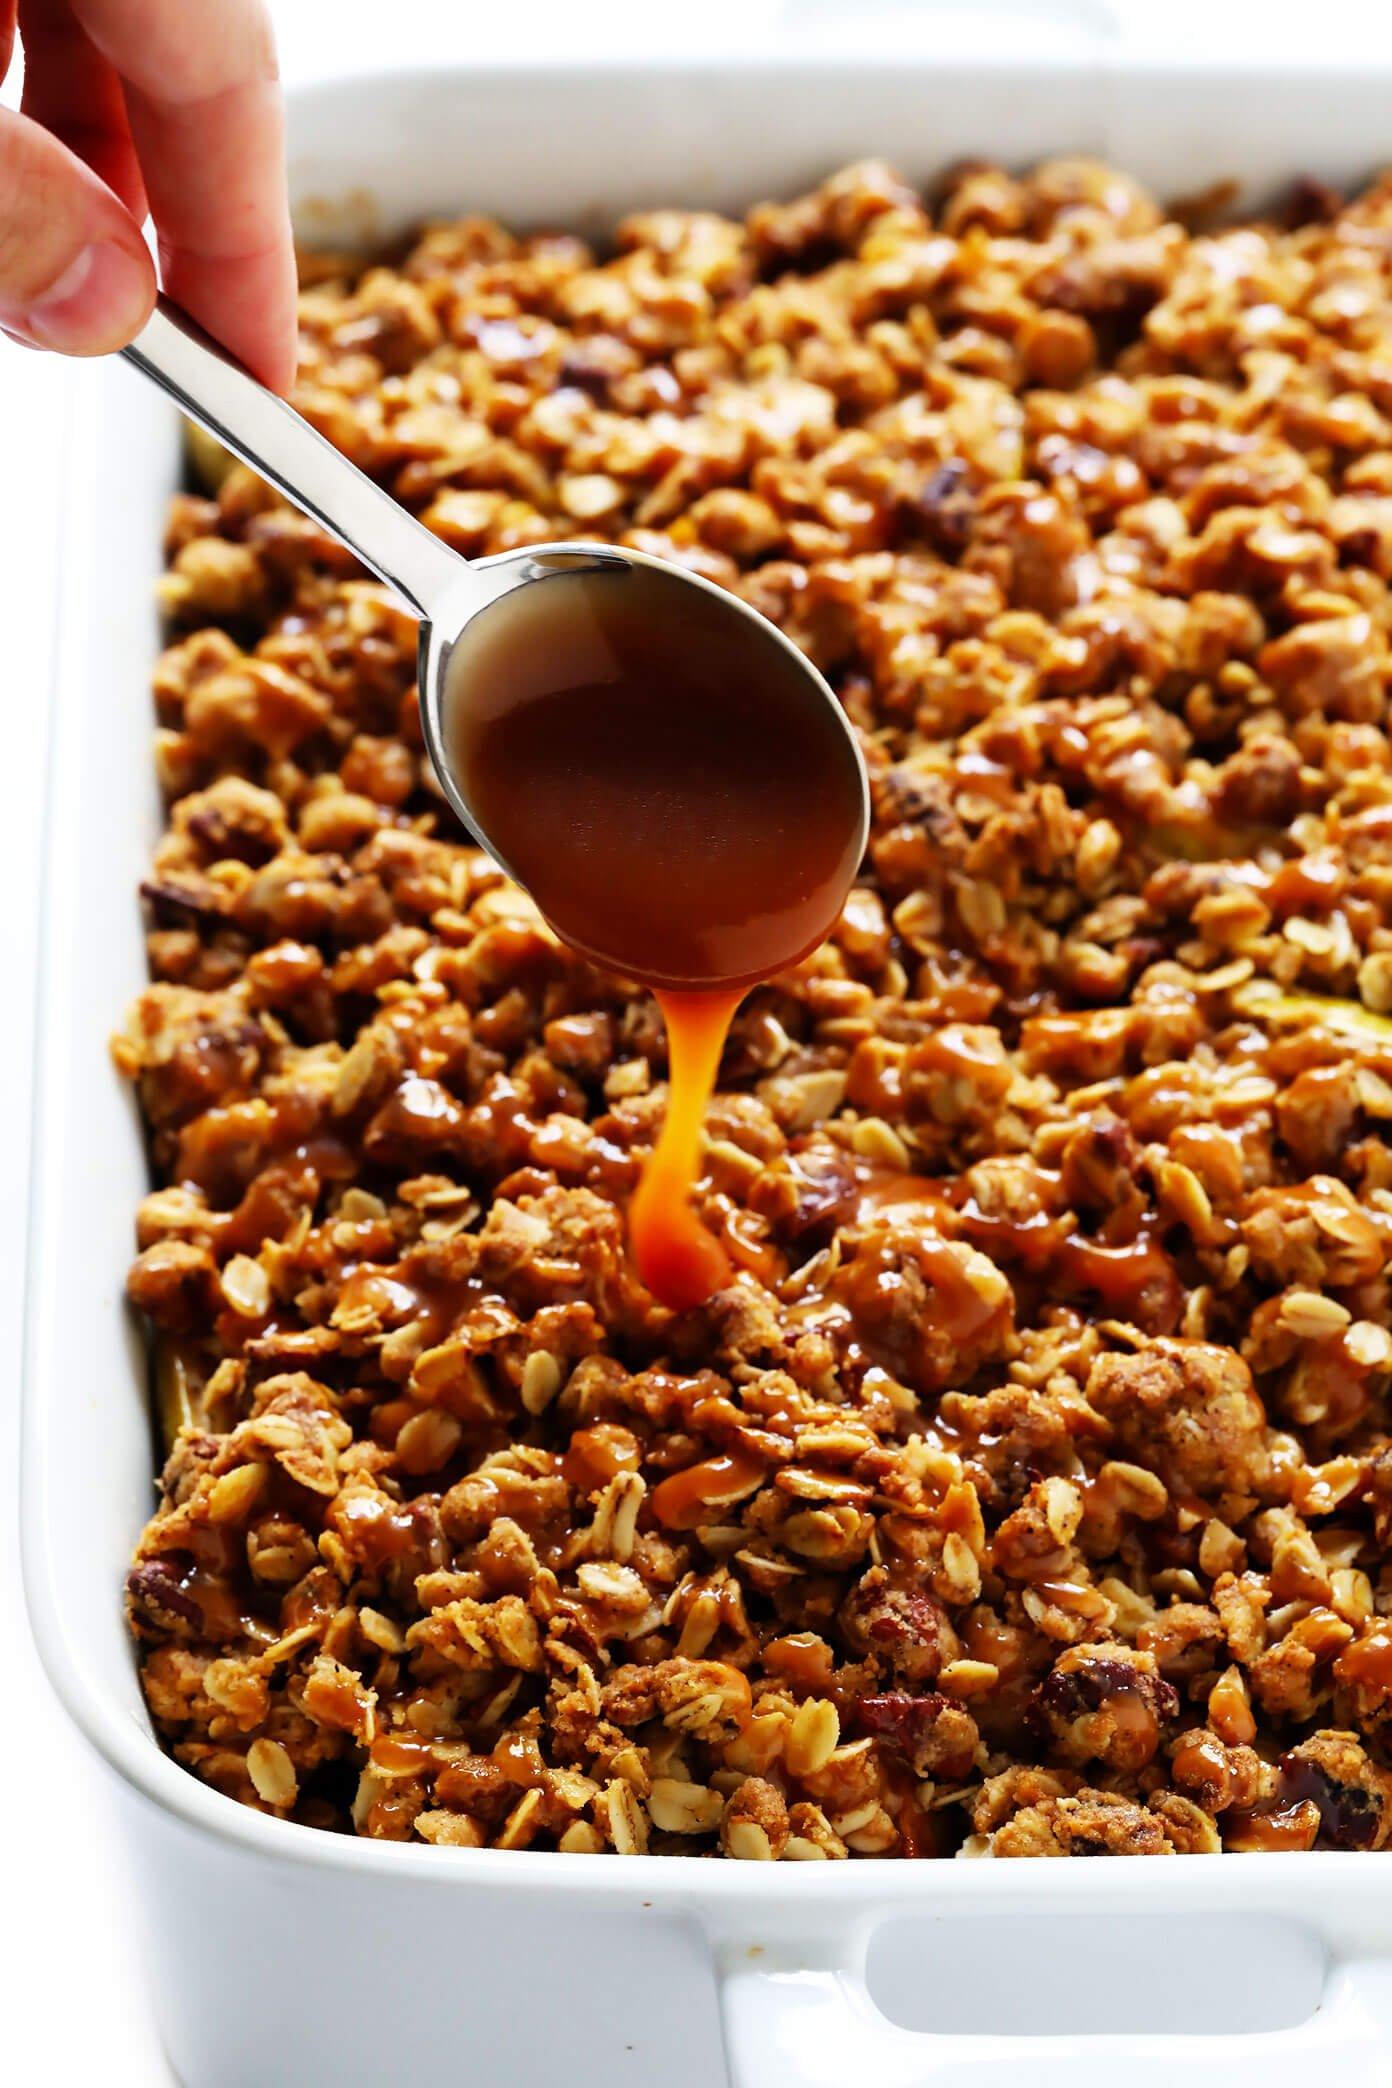 Easy Apple Crisp Recipe with Caramel Sauce